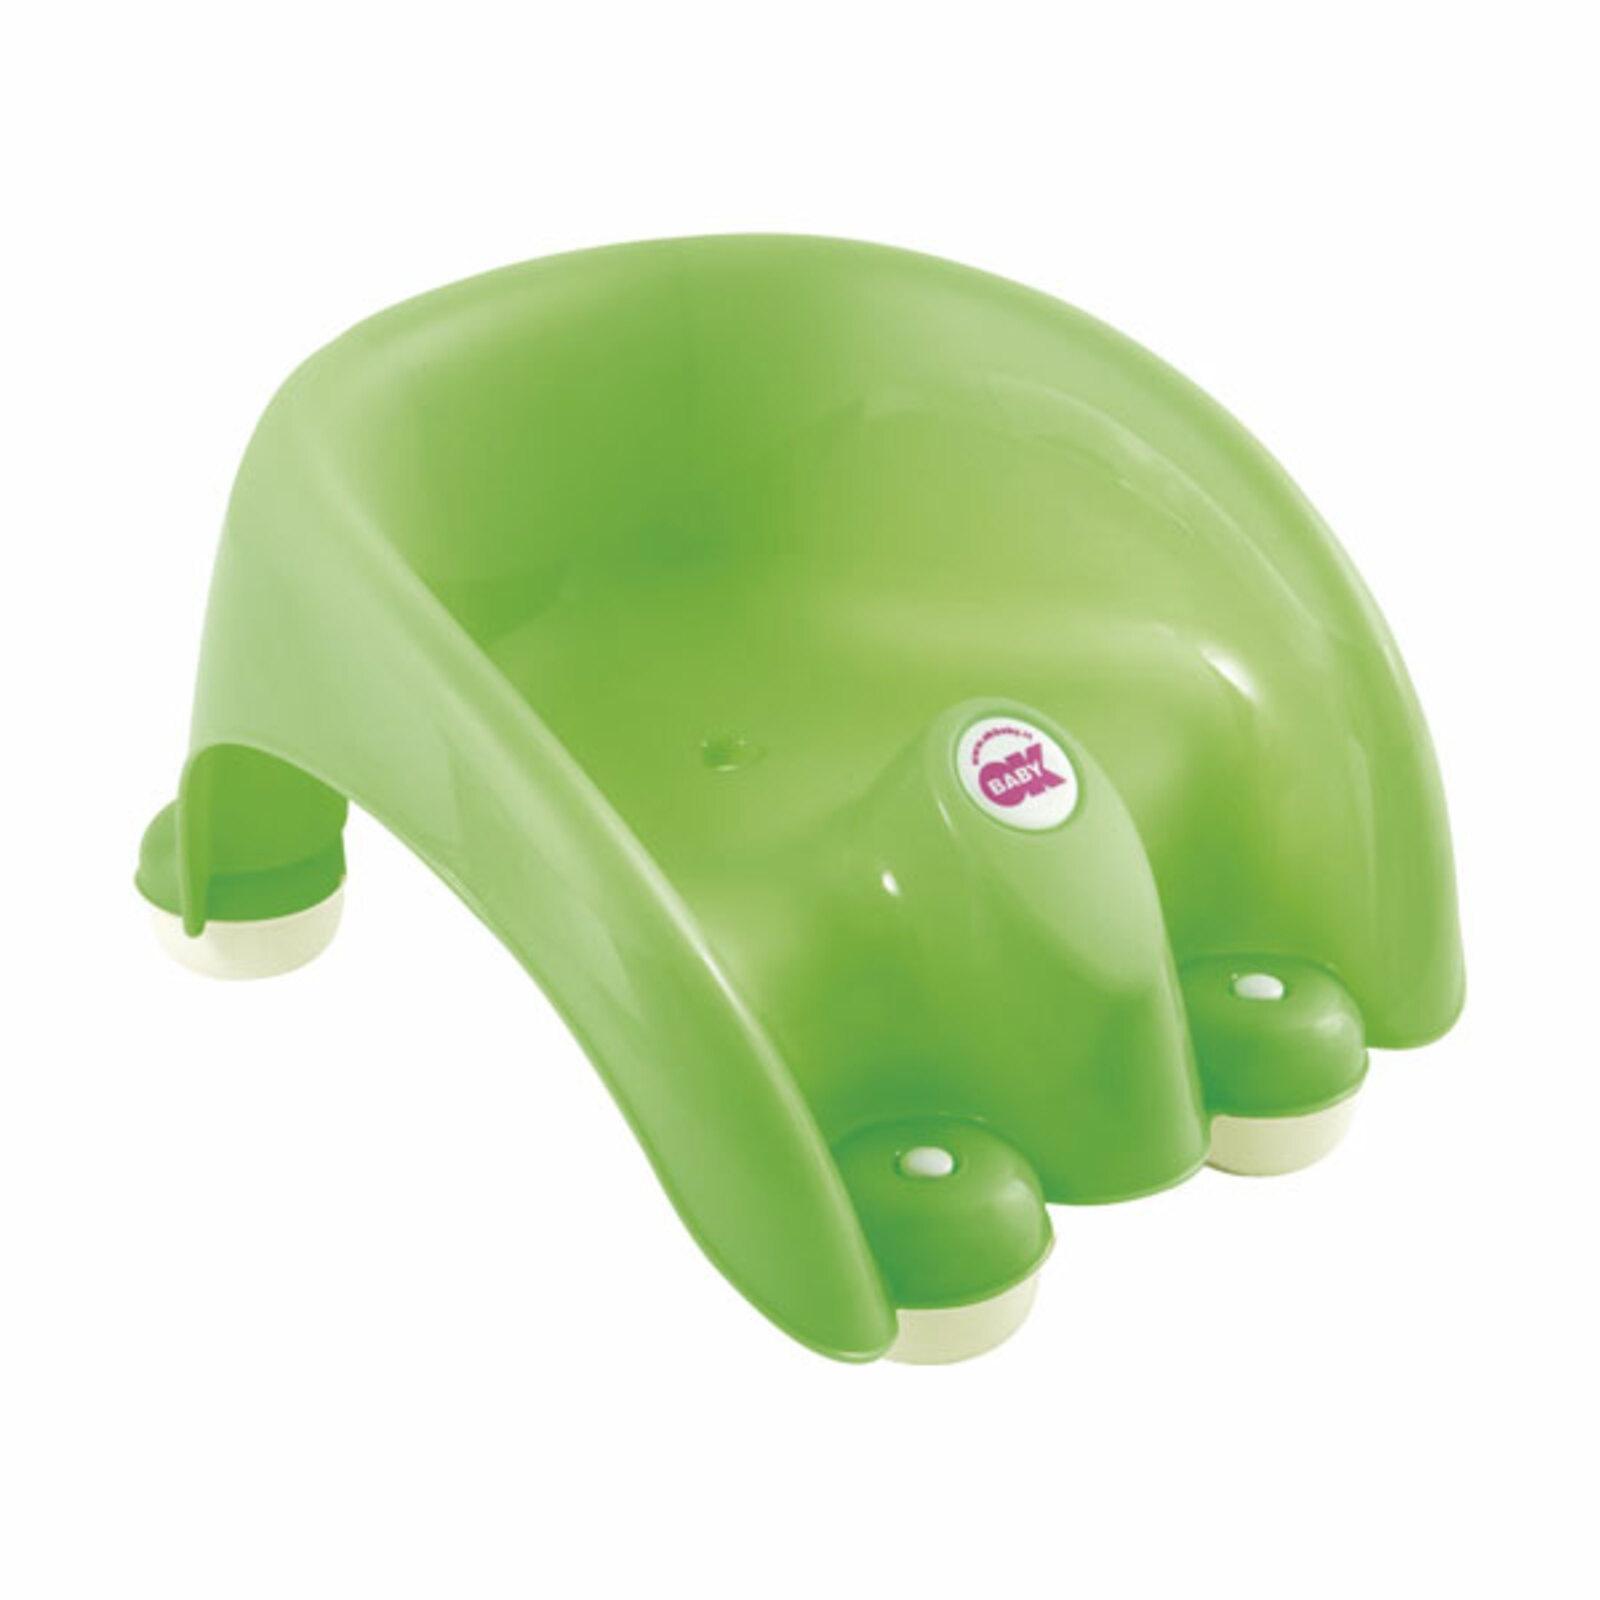 Стульчик для купания OK BABY POUF зеленый